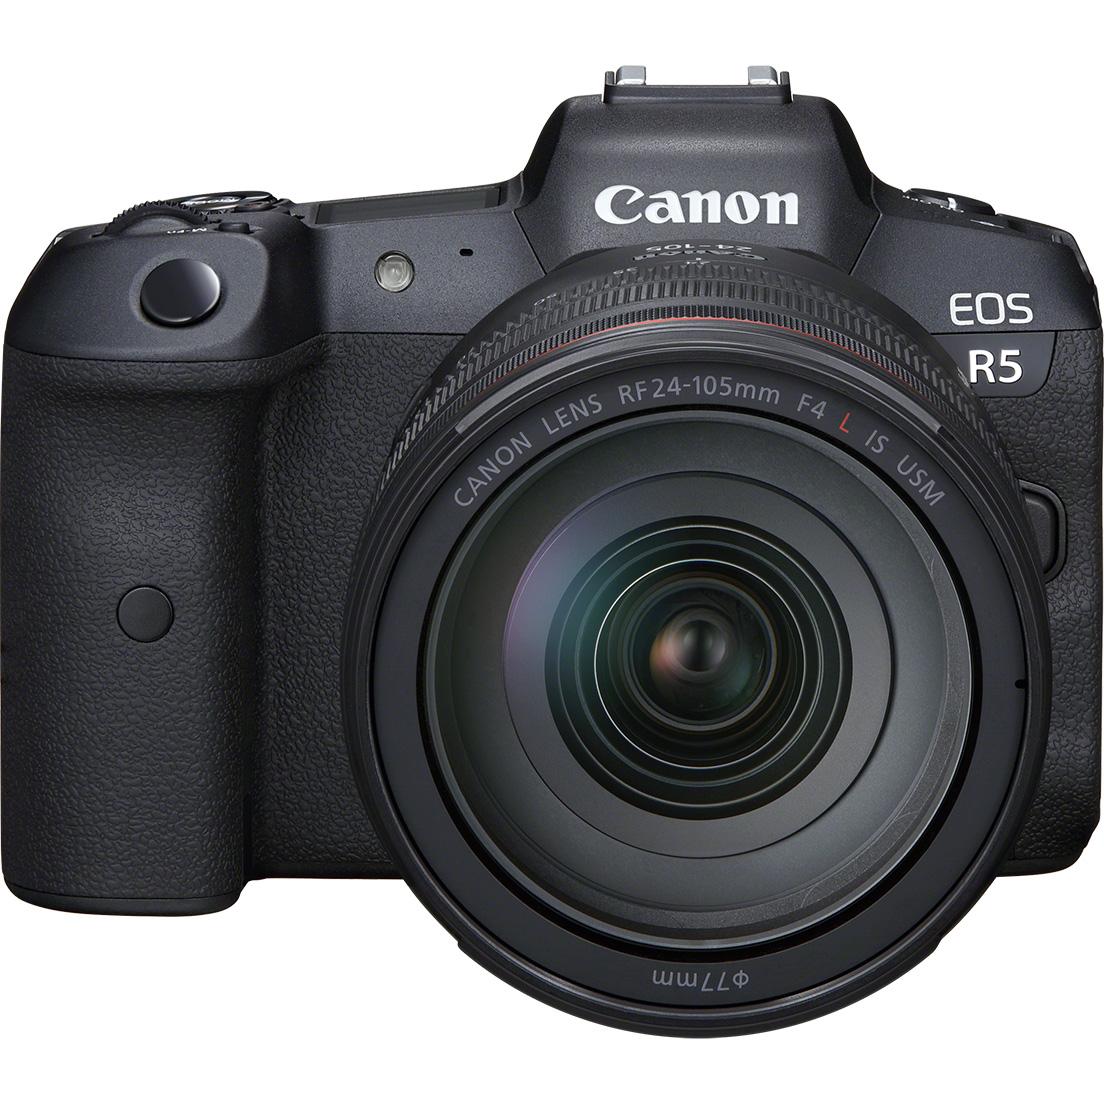 Erstmal hat Canon mit der EOS R5 und der EOS R6 Kameras der EOS-Serie mit einer kamerainternen Fünf-Achsen-Bildstabilisierung (In-Body Image Stabilisation, IBIS) ausgestattet.